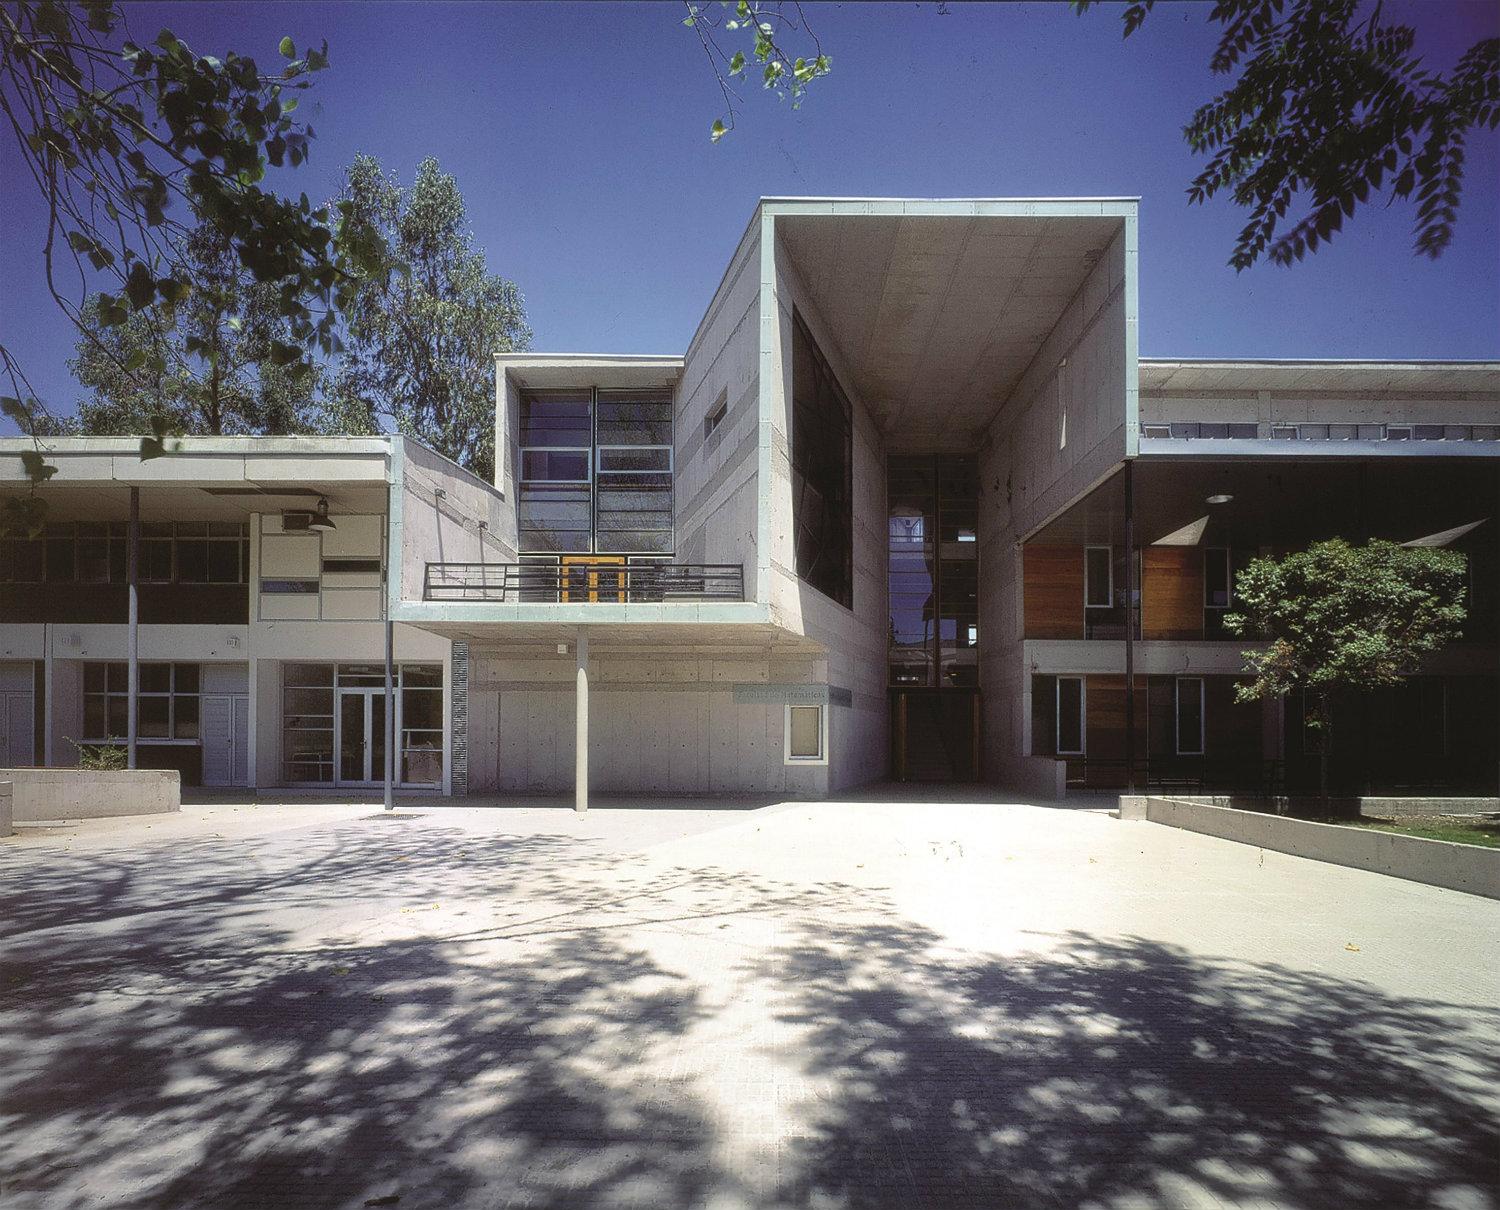 Escuela de Matemáticas (1999), Universidad Católica de Chile, Santiago, Chile. Fotografía: Tadeuz Jalocha. Cortesía: Elemental.